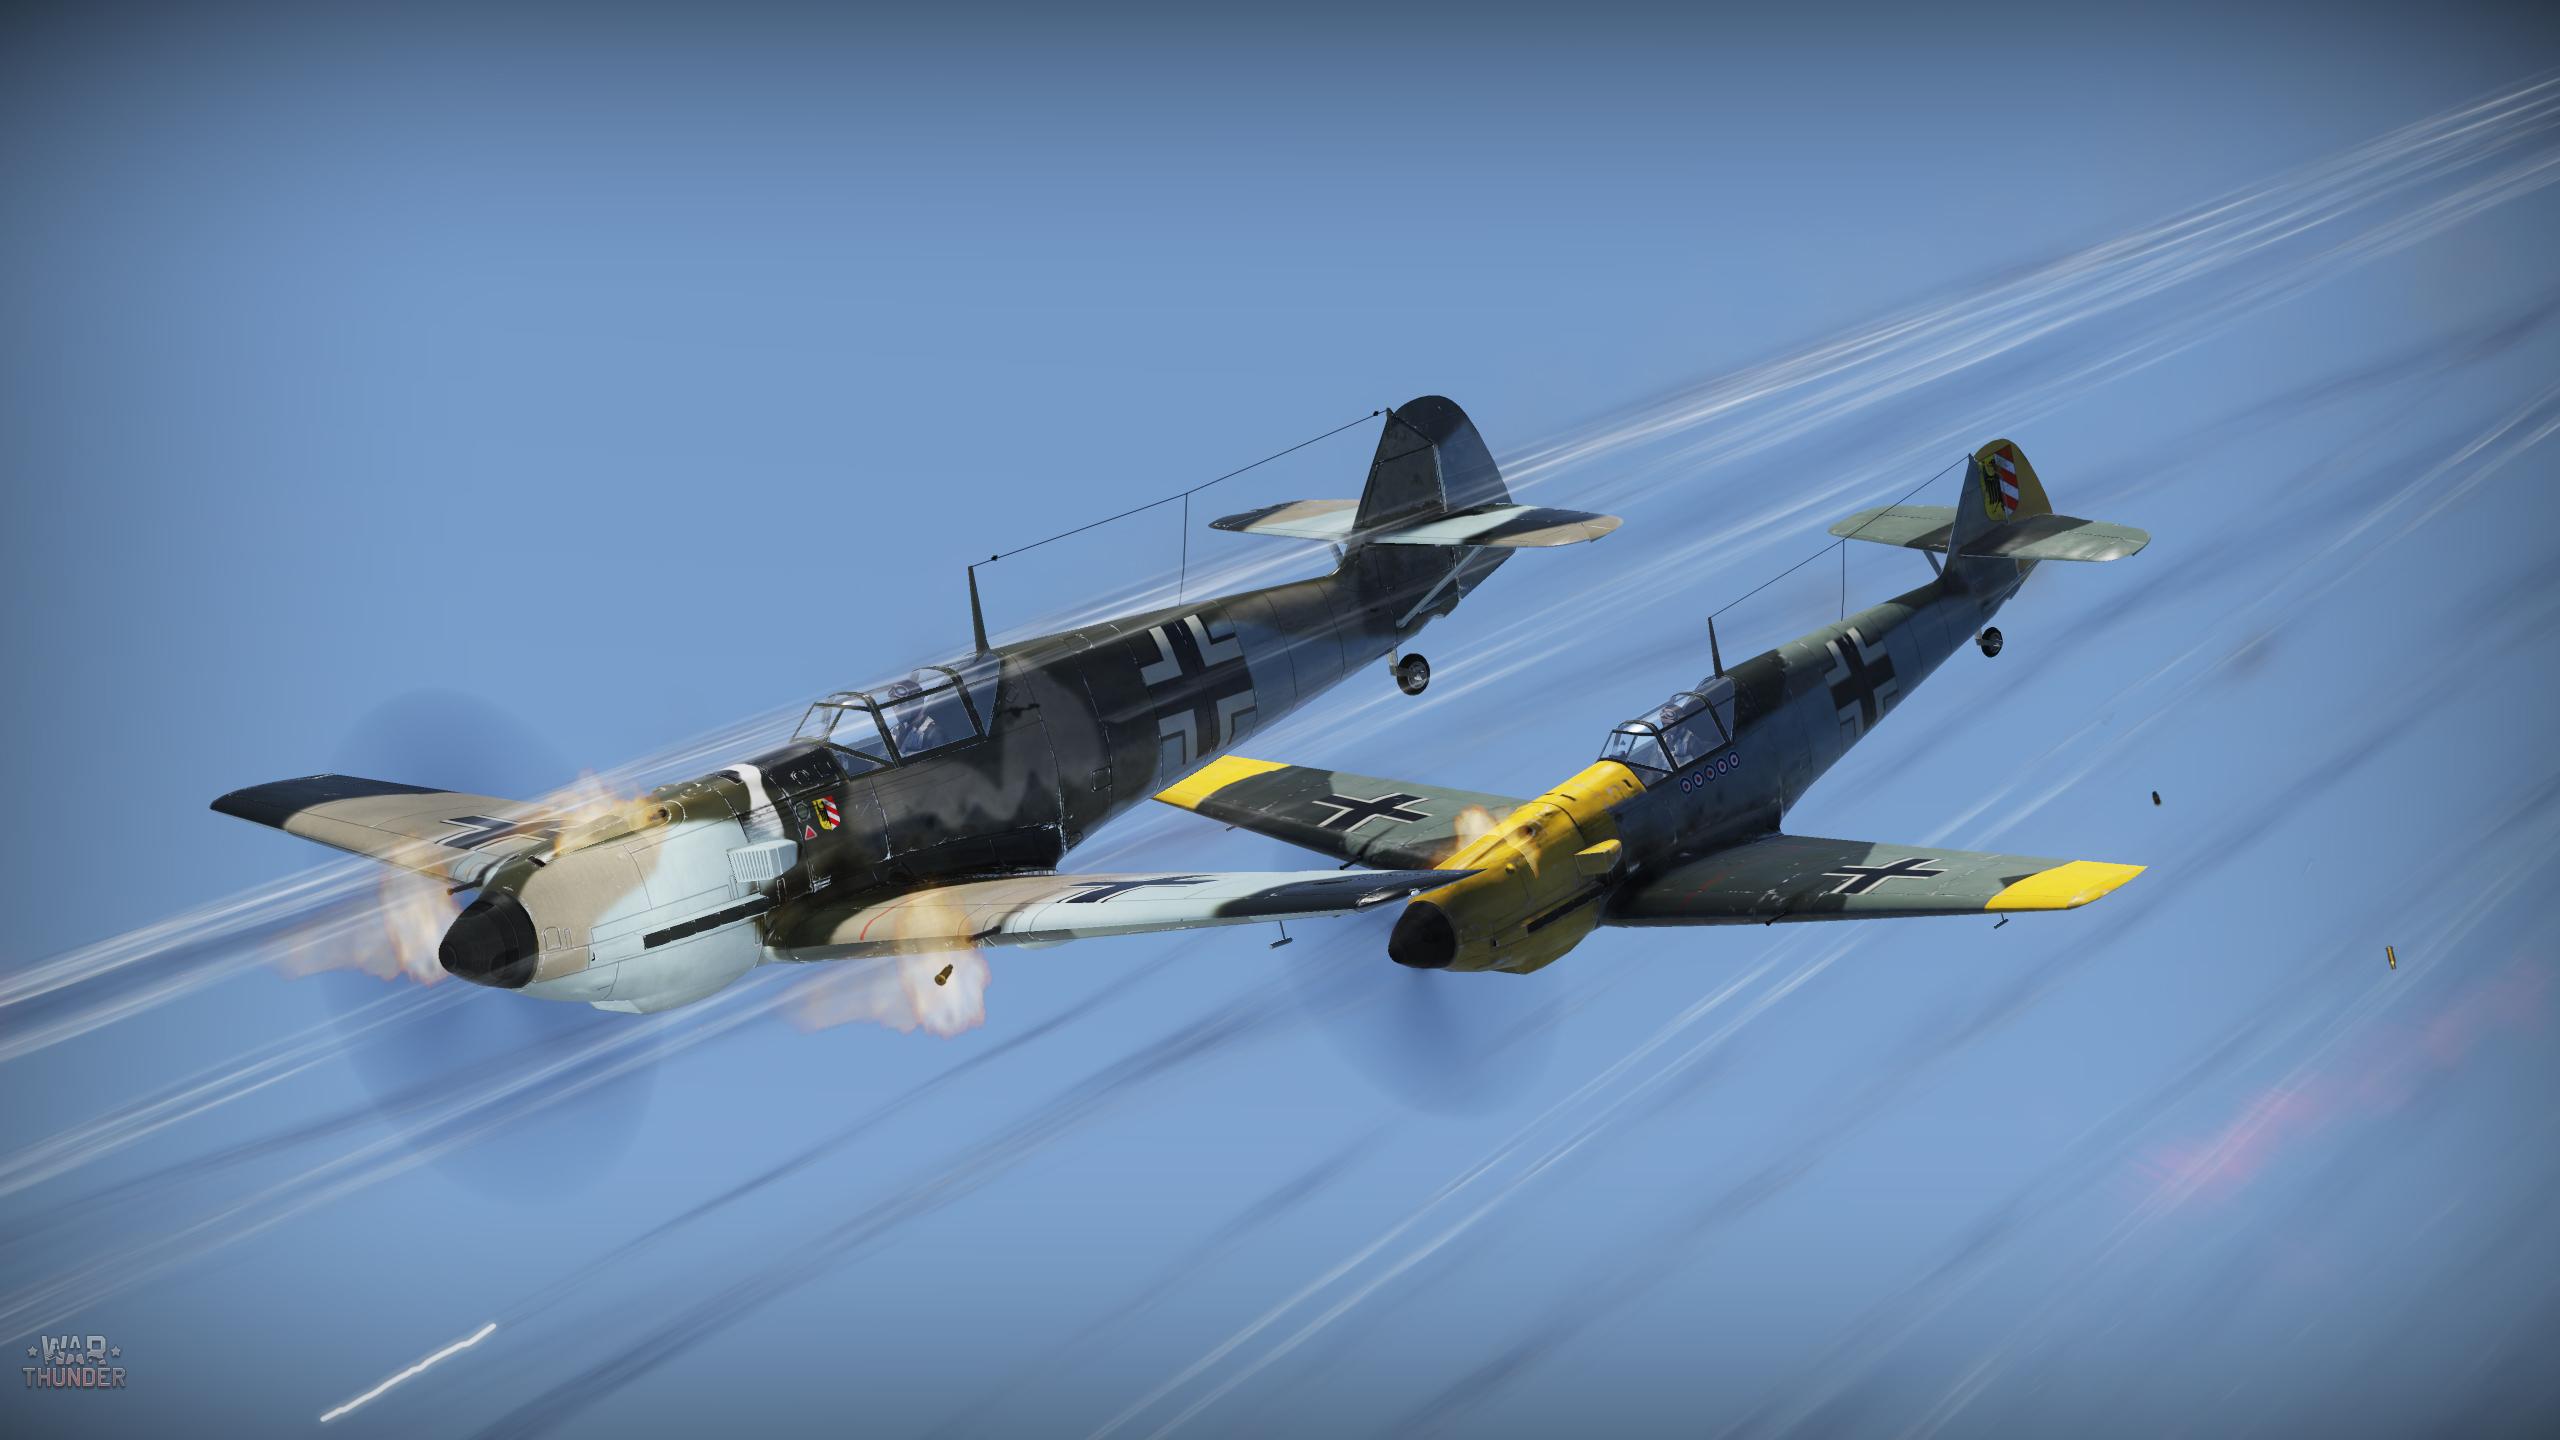 shot 2013.06.29 03.51fob42 - War Thunder